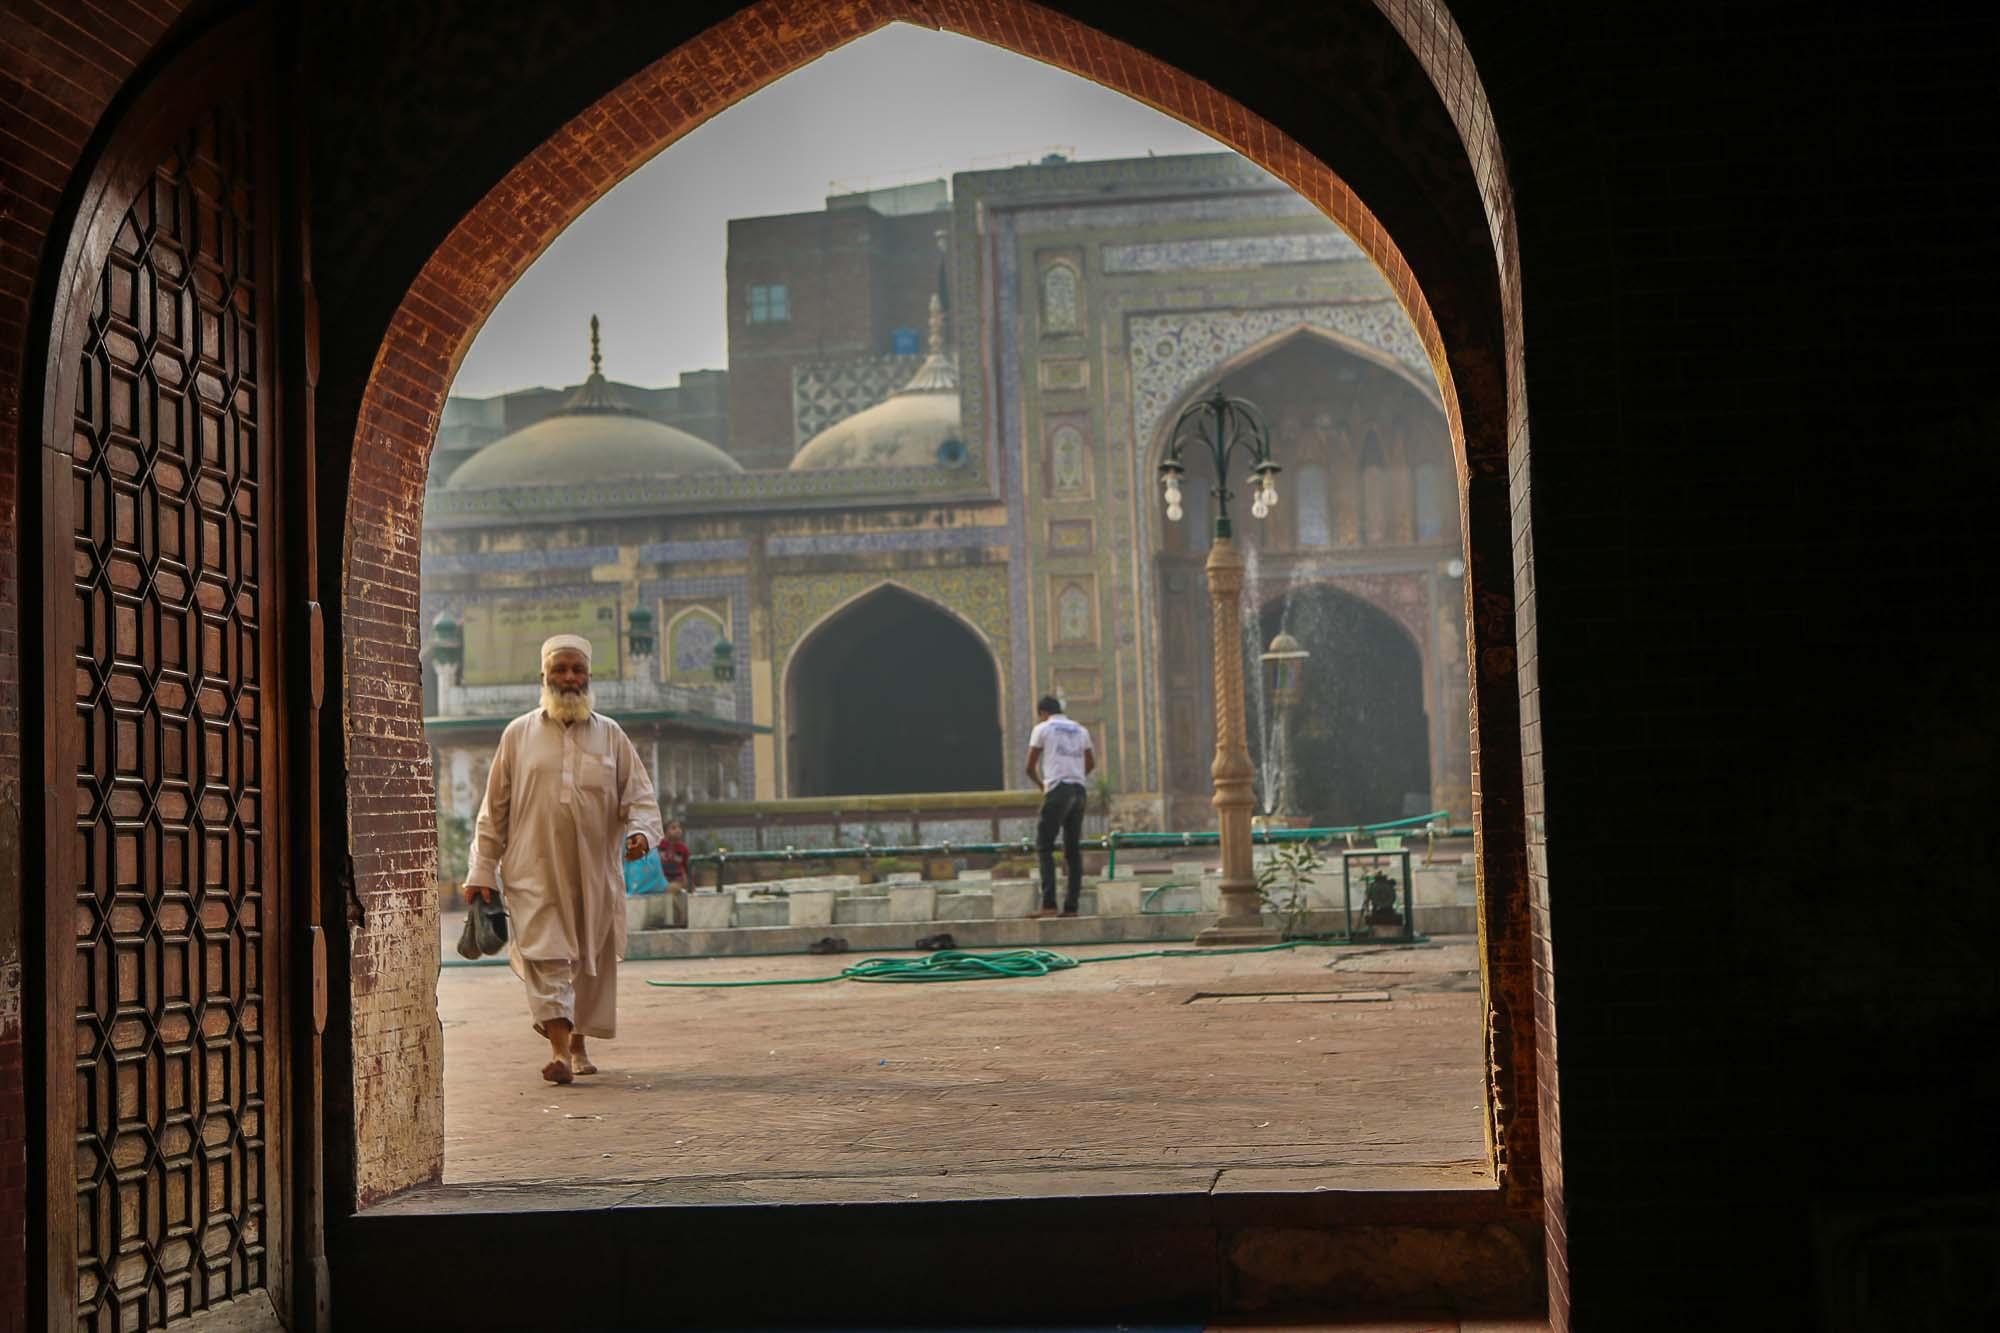 Inlåst i en minaret – Wazir Khan Mosque